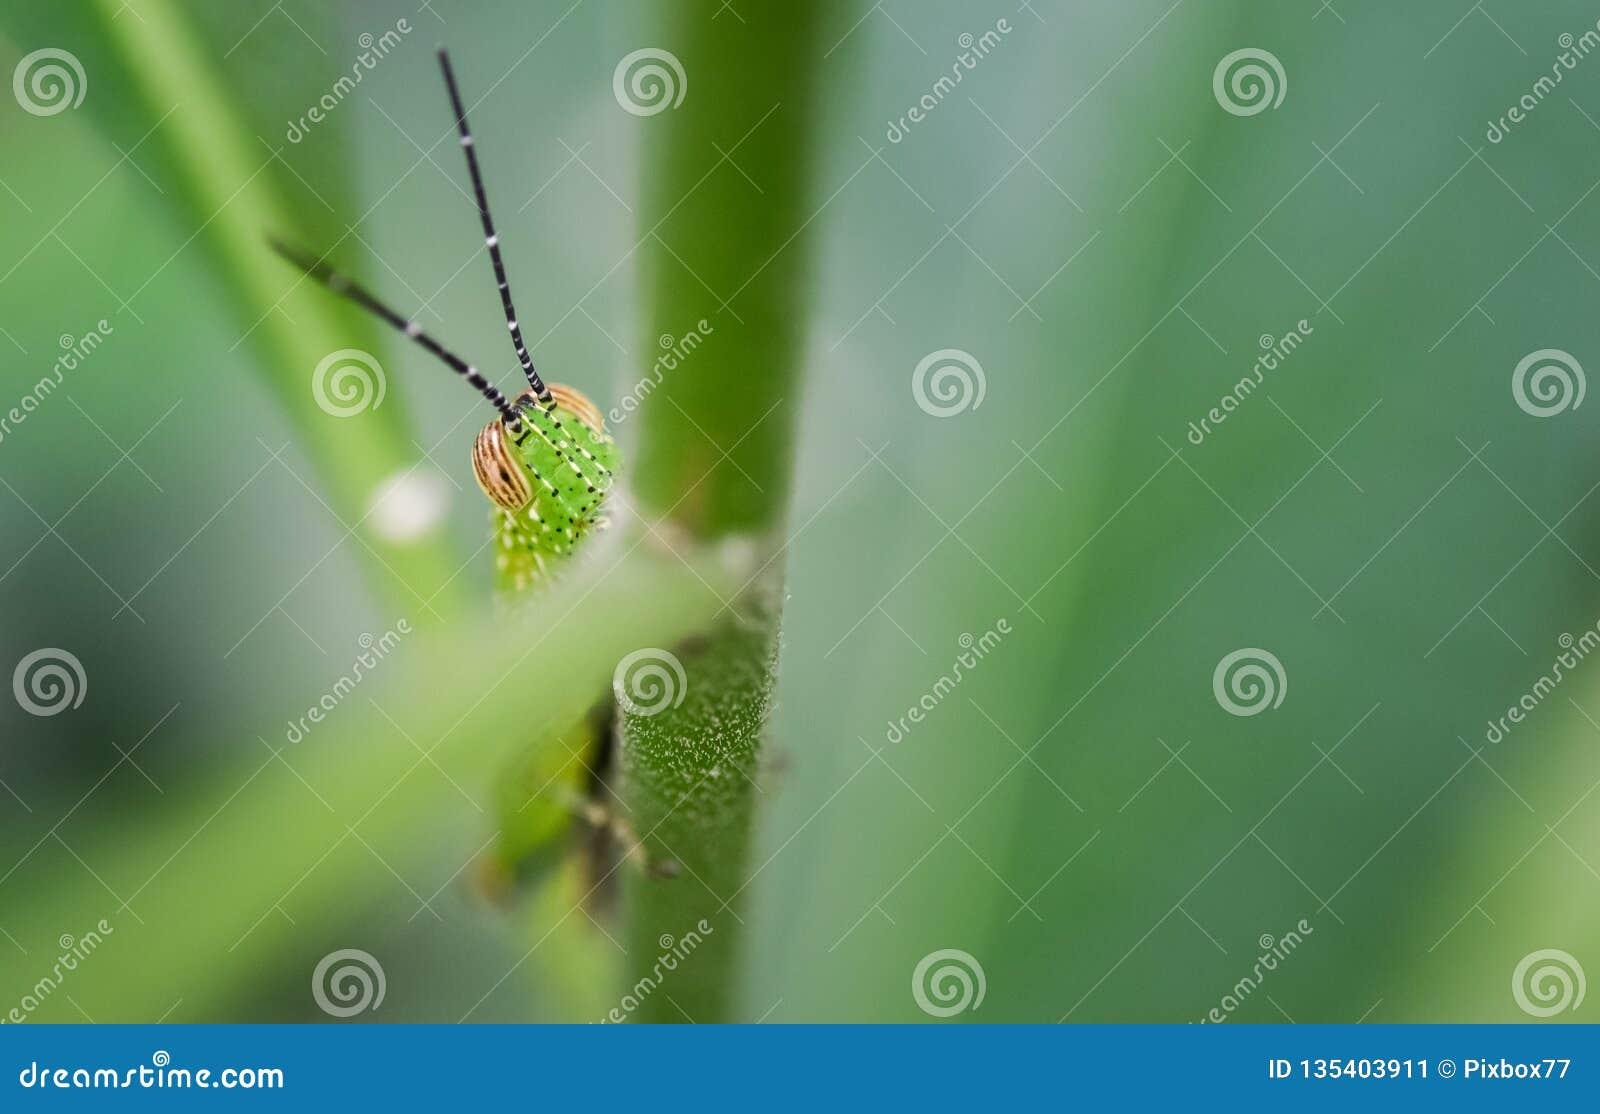 Sprinkhanenhuid bij groen blad